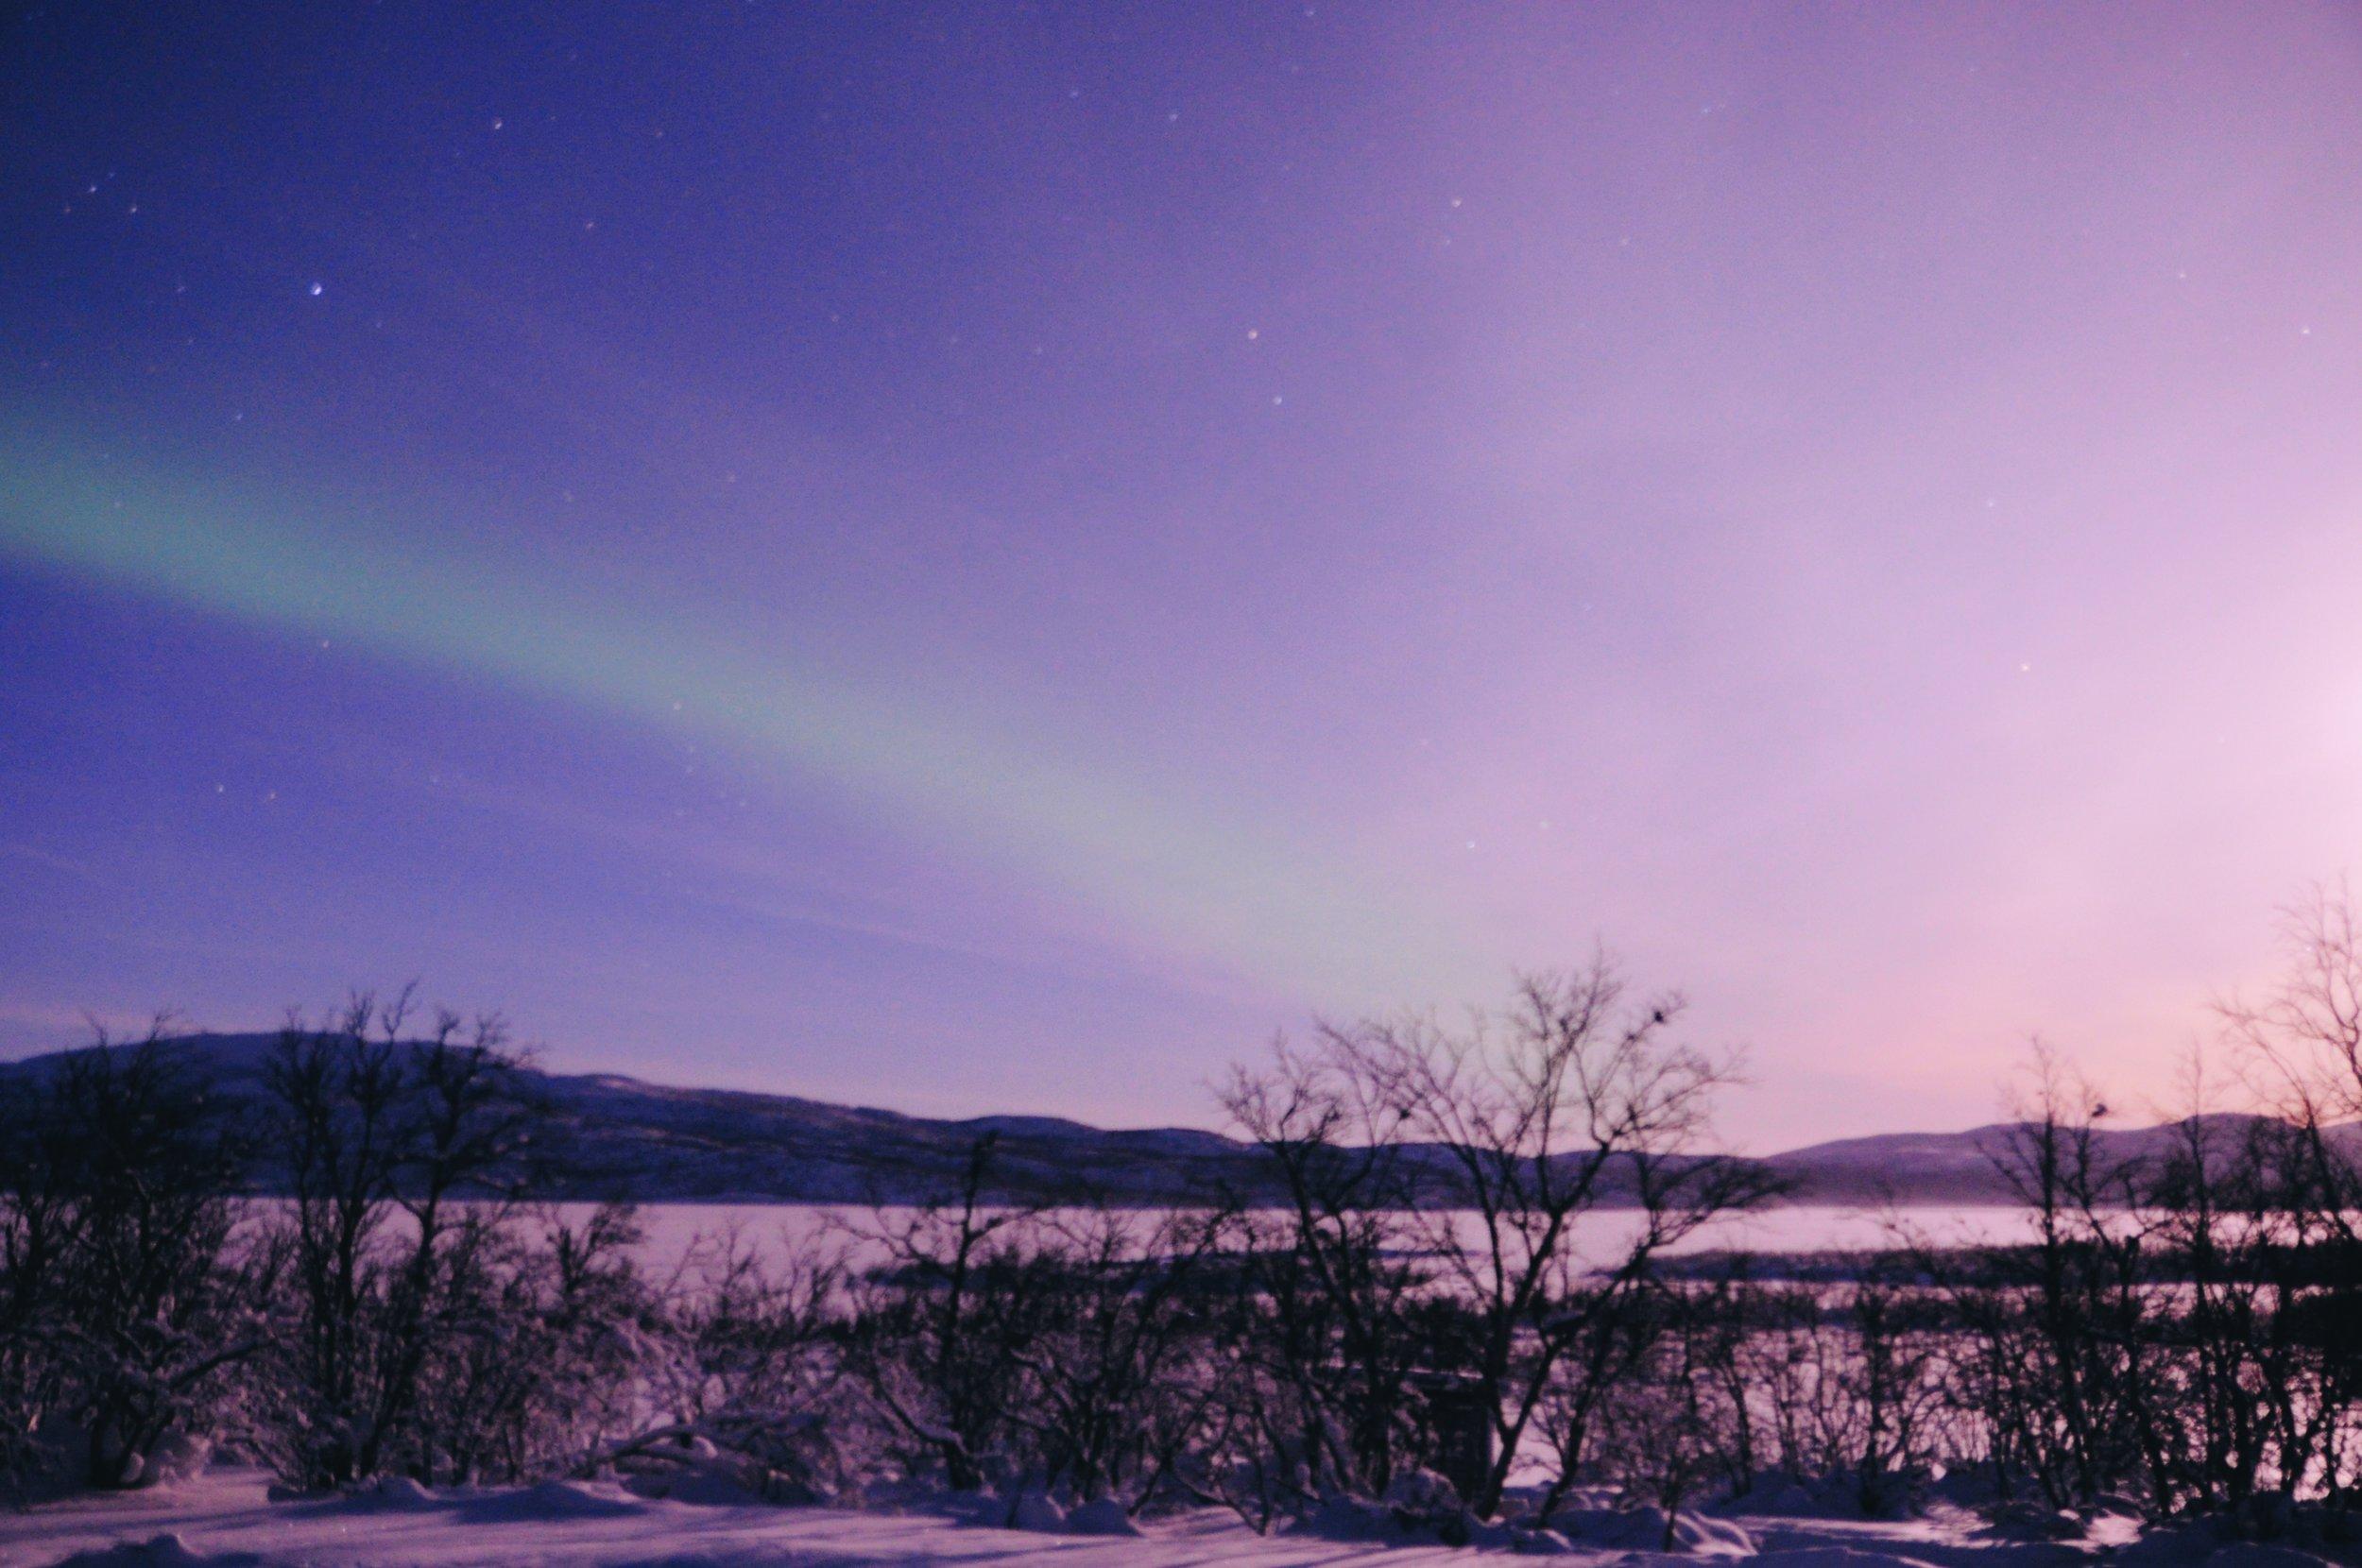 Zorza polarna niczym tęcza. Piękny widok. Poświata po prawej stronie pochodzi od księżyca.